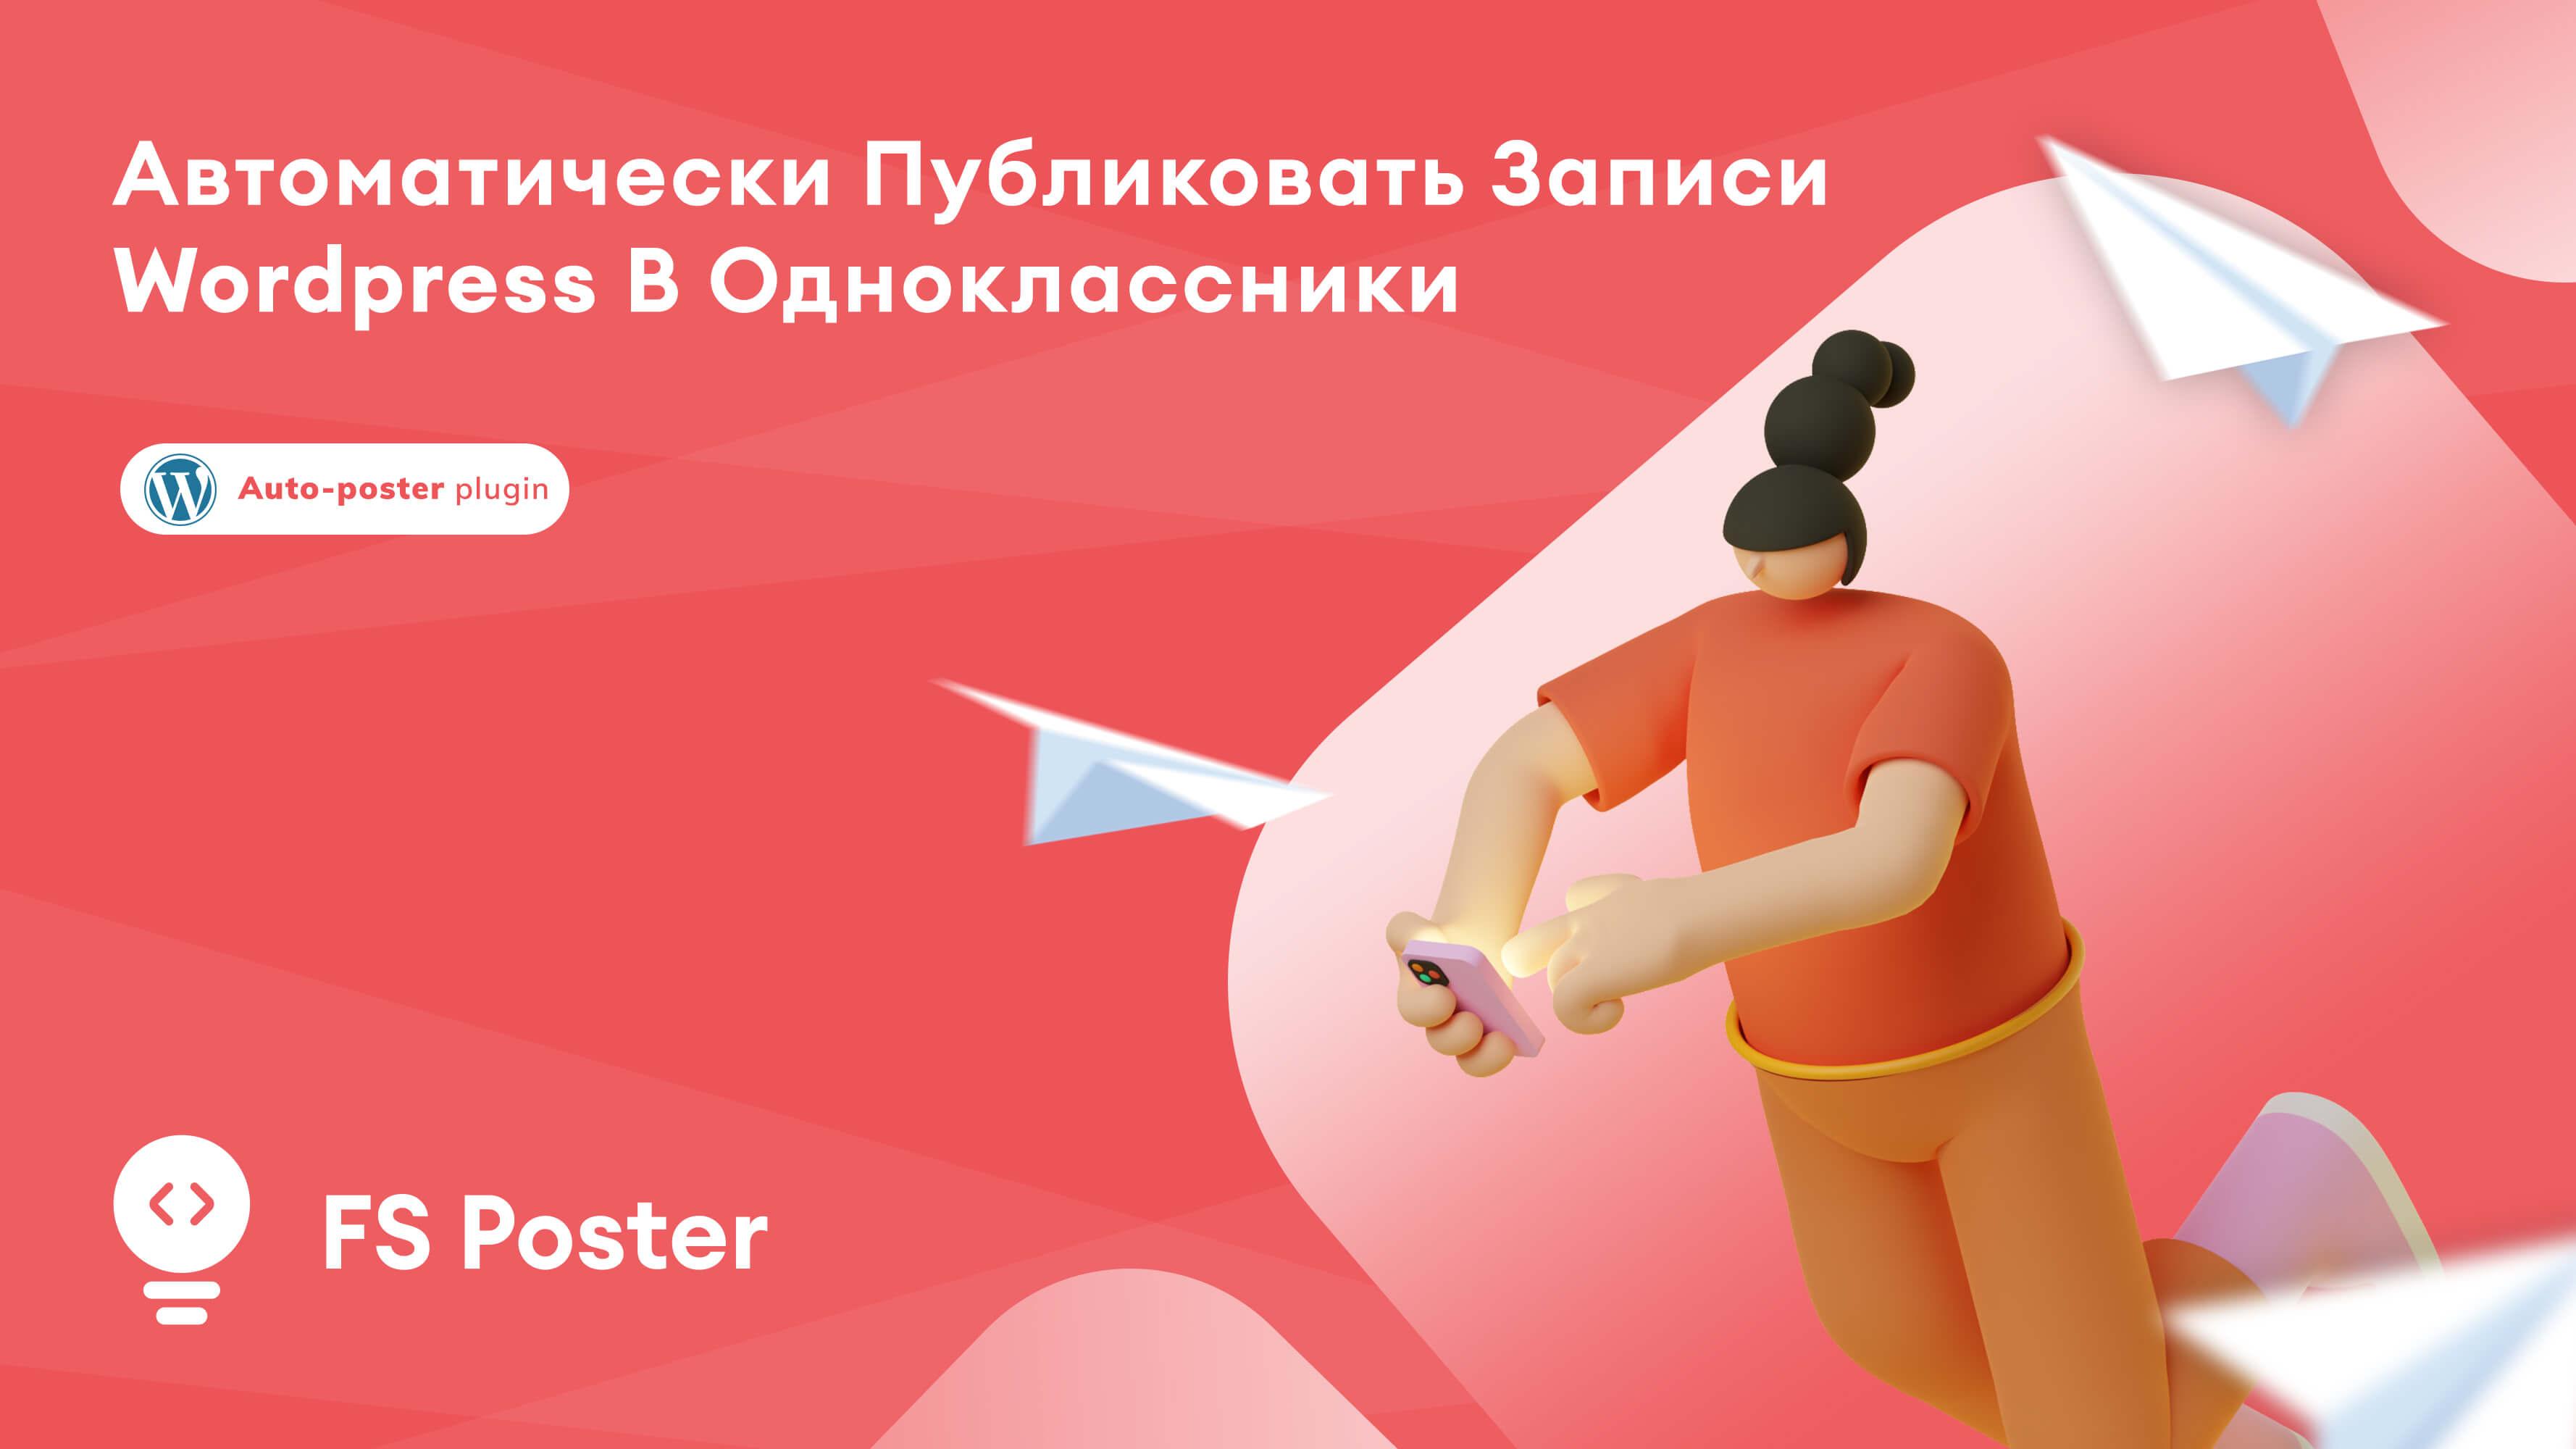 Автопостинг в Одноклассниках из WordPress [Полное руководство]